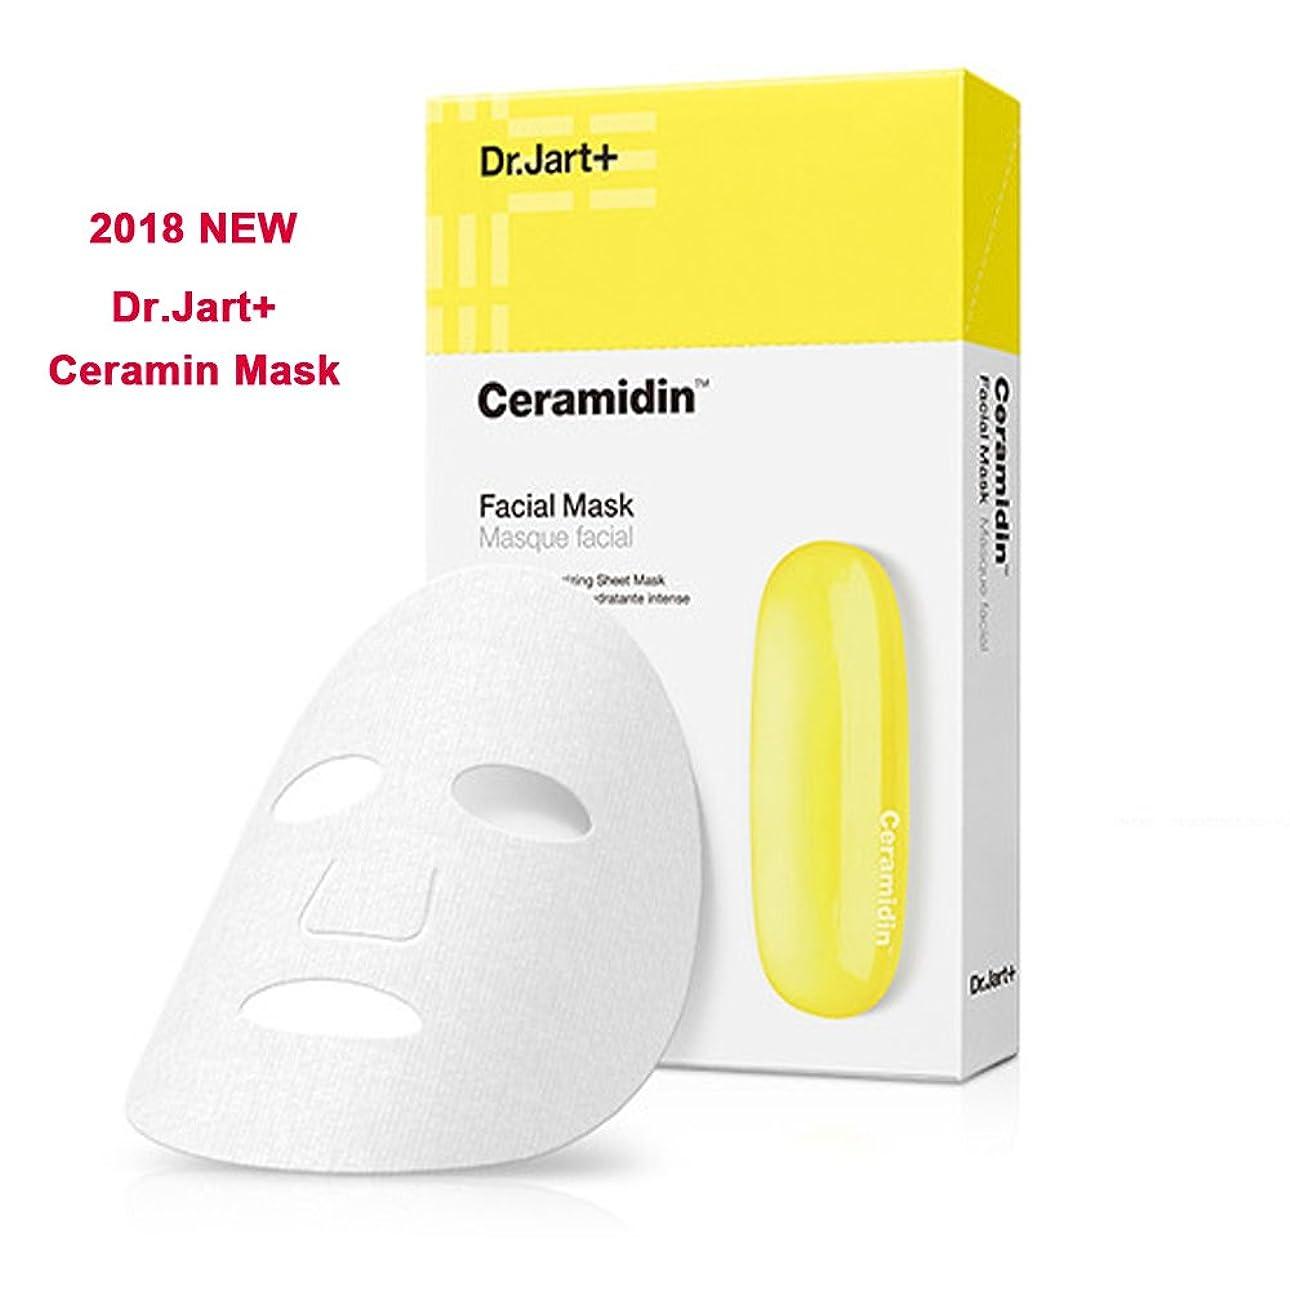 受賞プロット物足りない[韓国コスメ Dr.Jart+] Ceramidin Mask ドクタージャルト セラマイディンマスク(5枚) [並行輸入品]